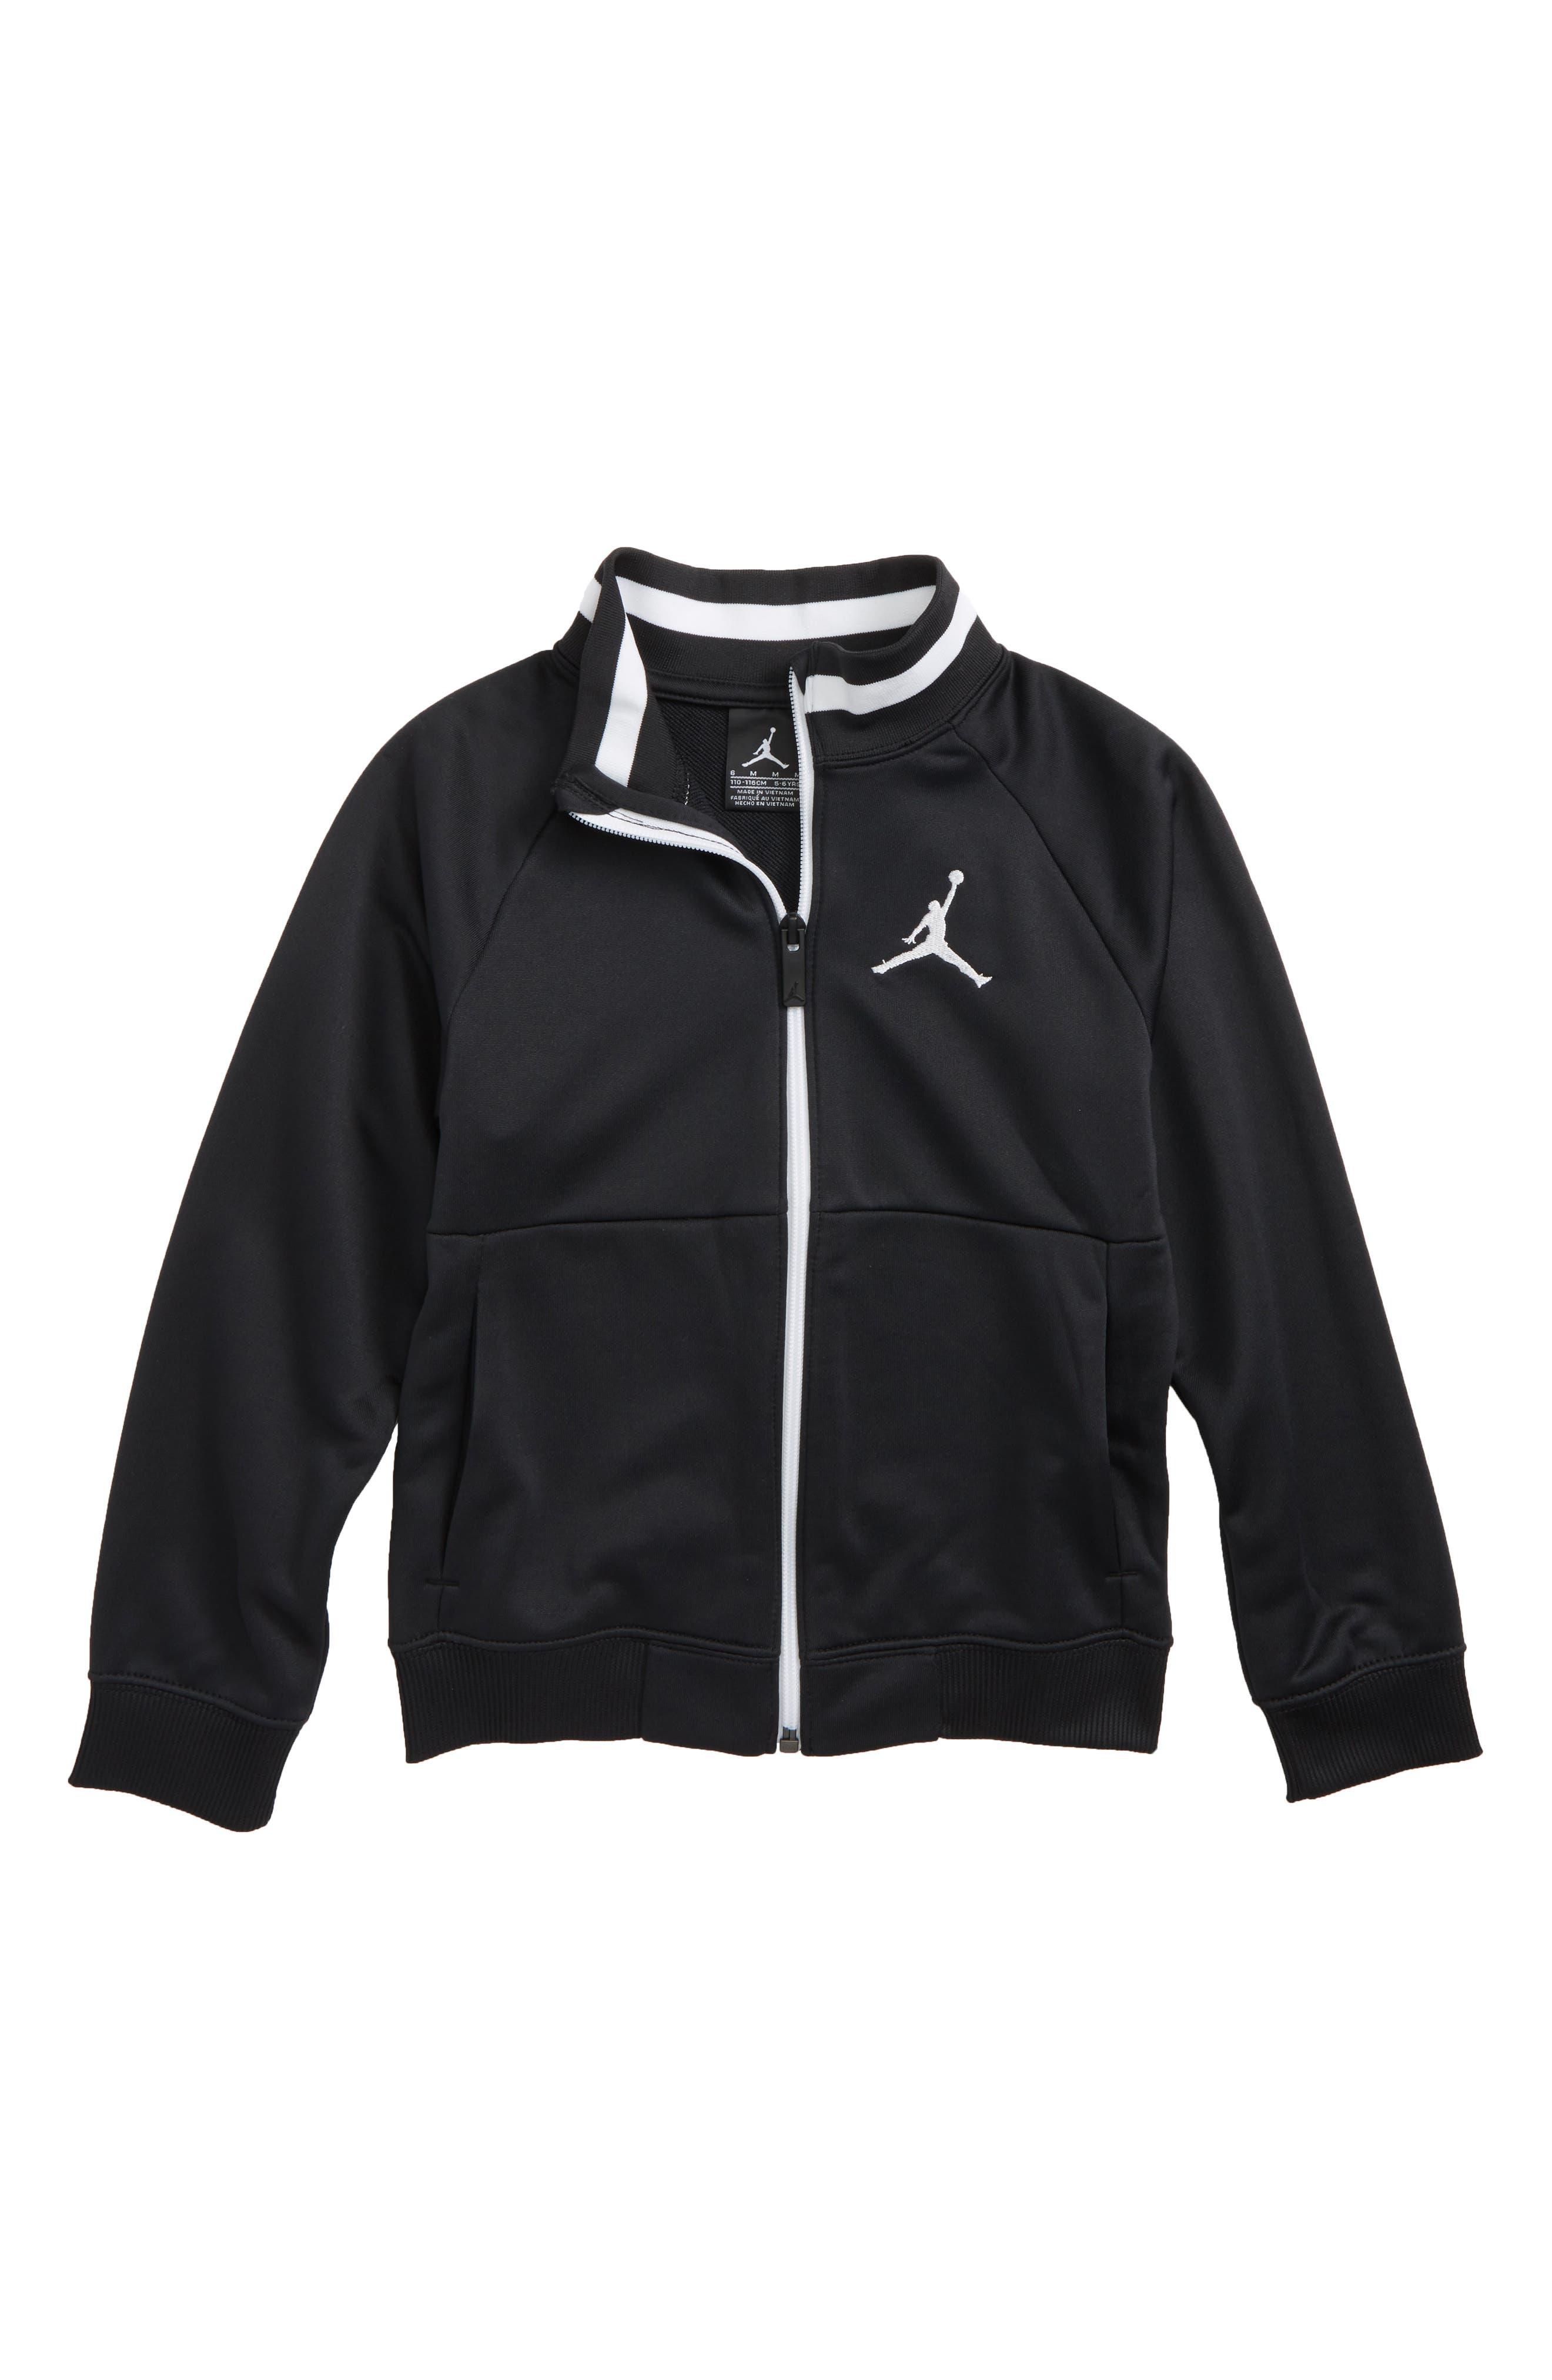 Jordan '90s Tricot Jacket,                             Main thumbnail 1, color,                             Black